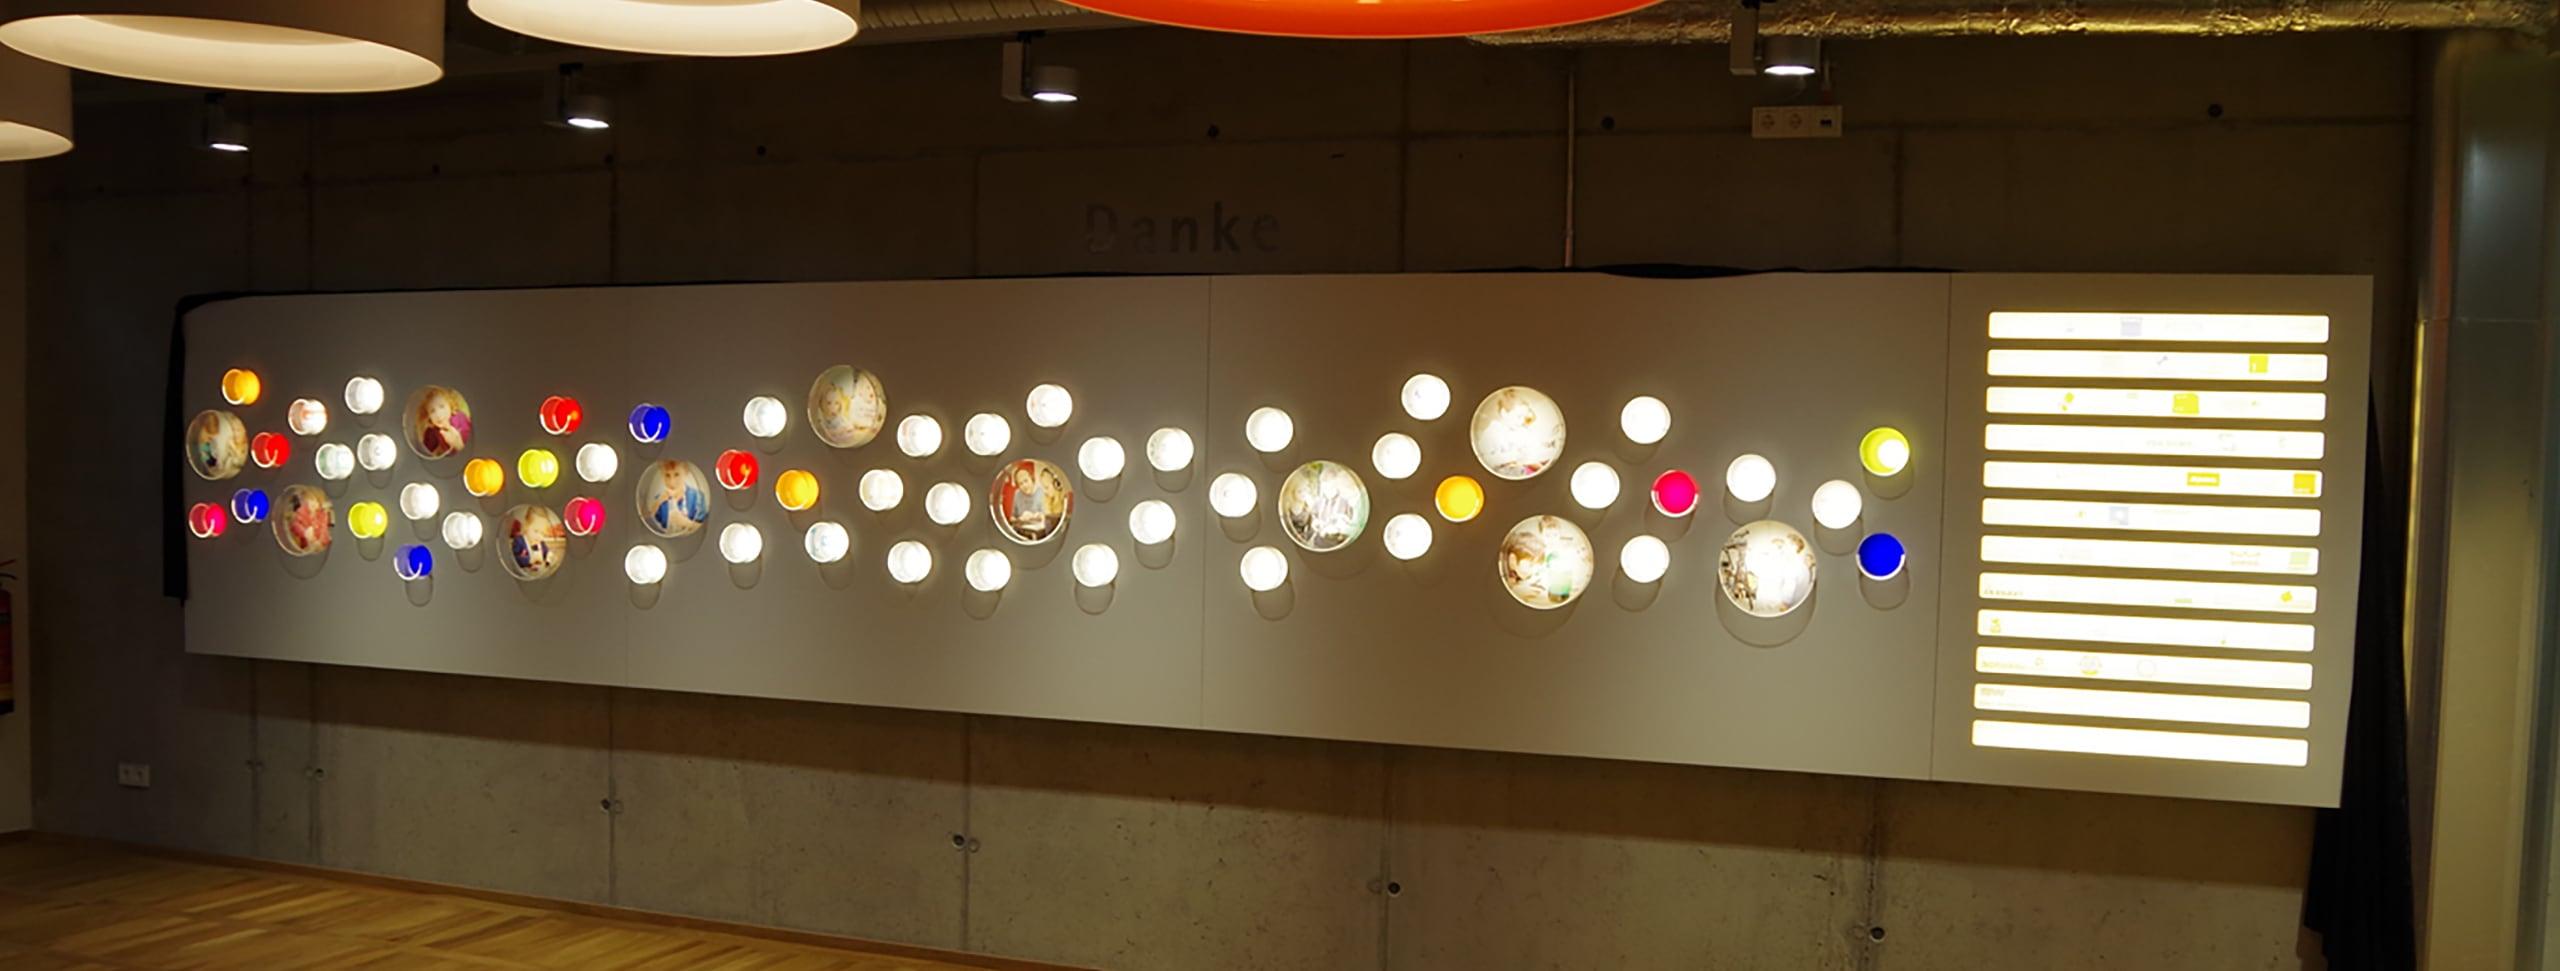 Wand mit runden Beleuchtungselementen der Tischlerei Pickelein